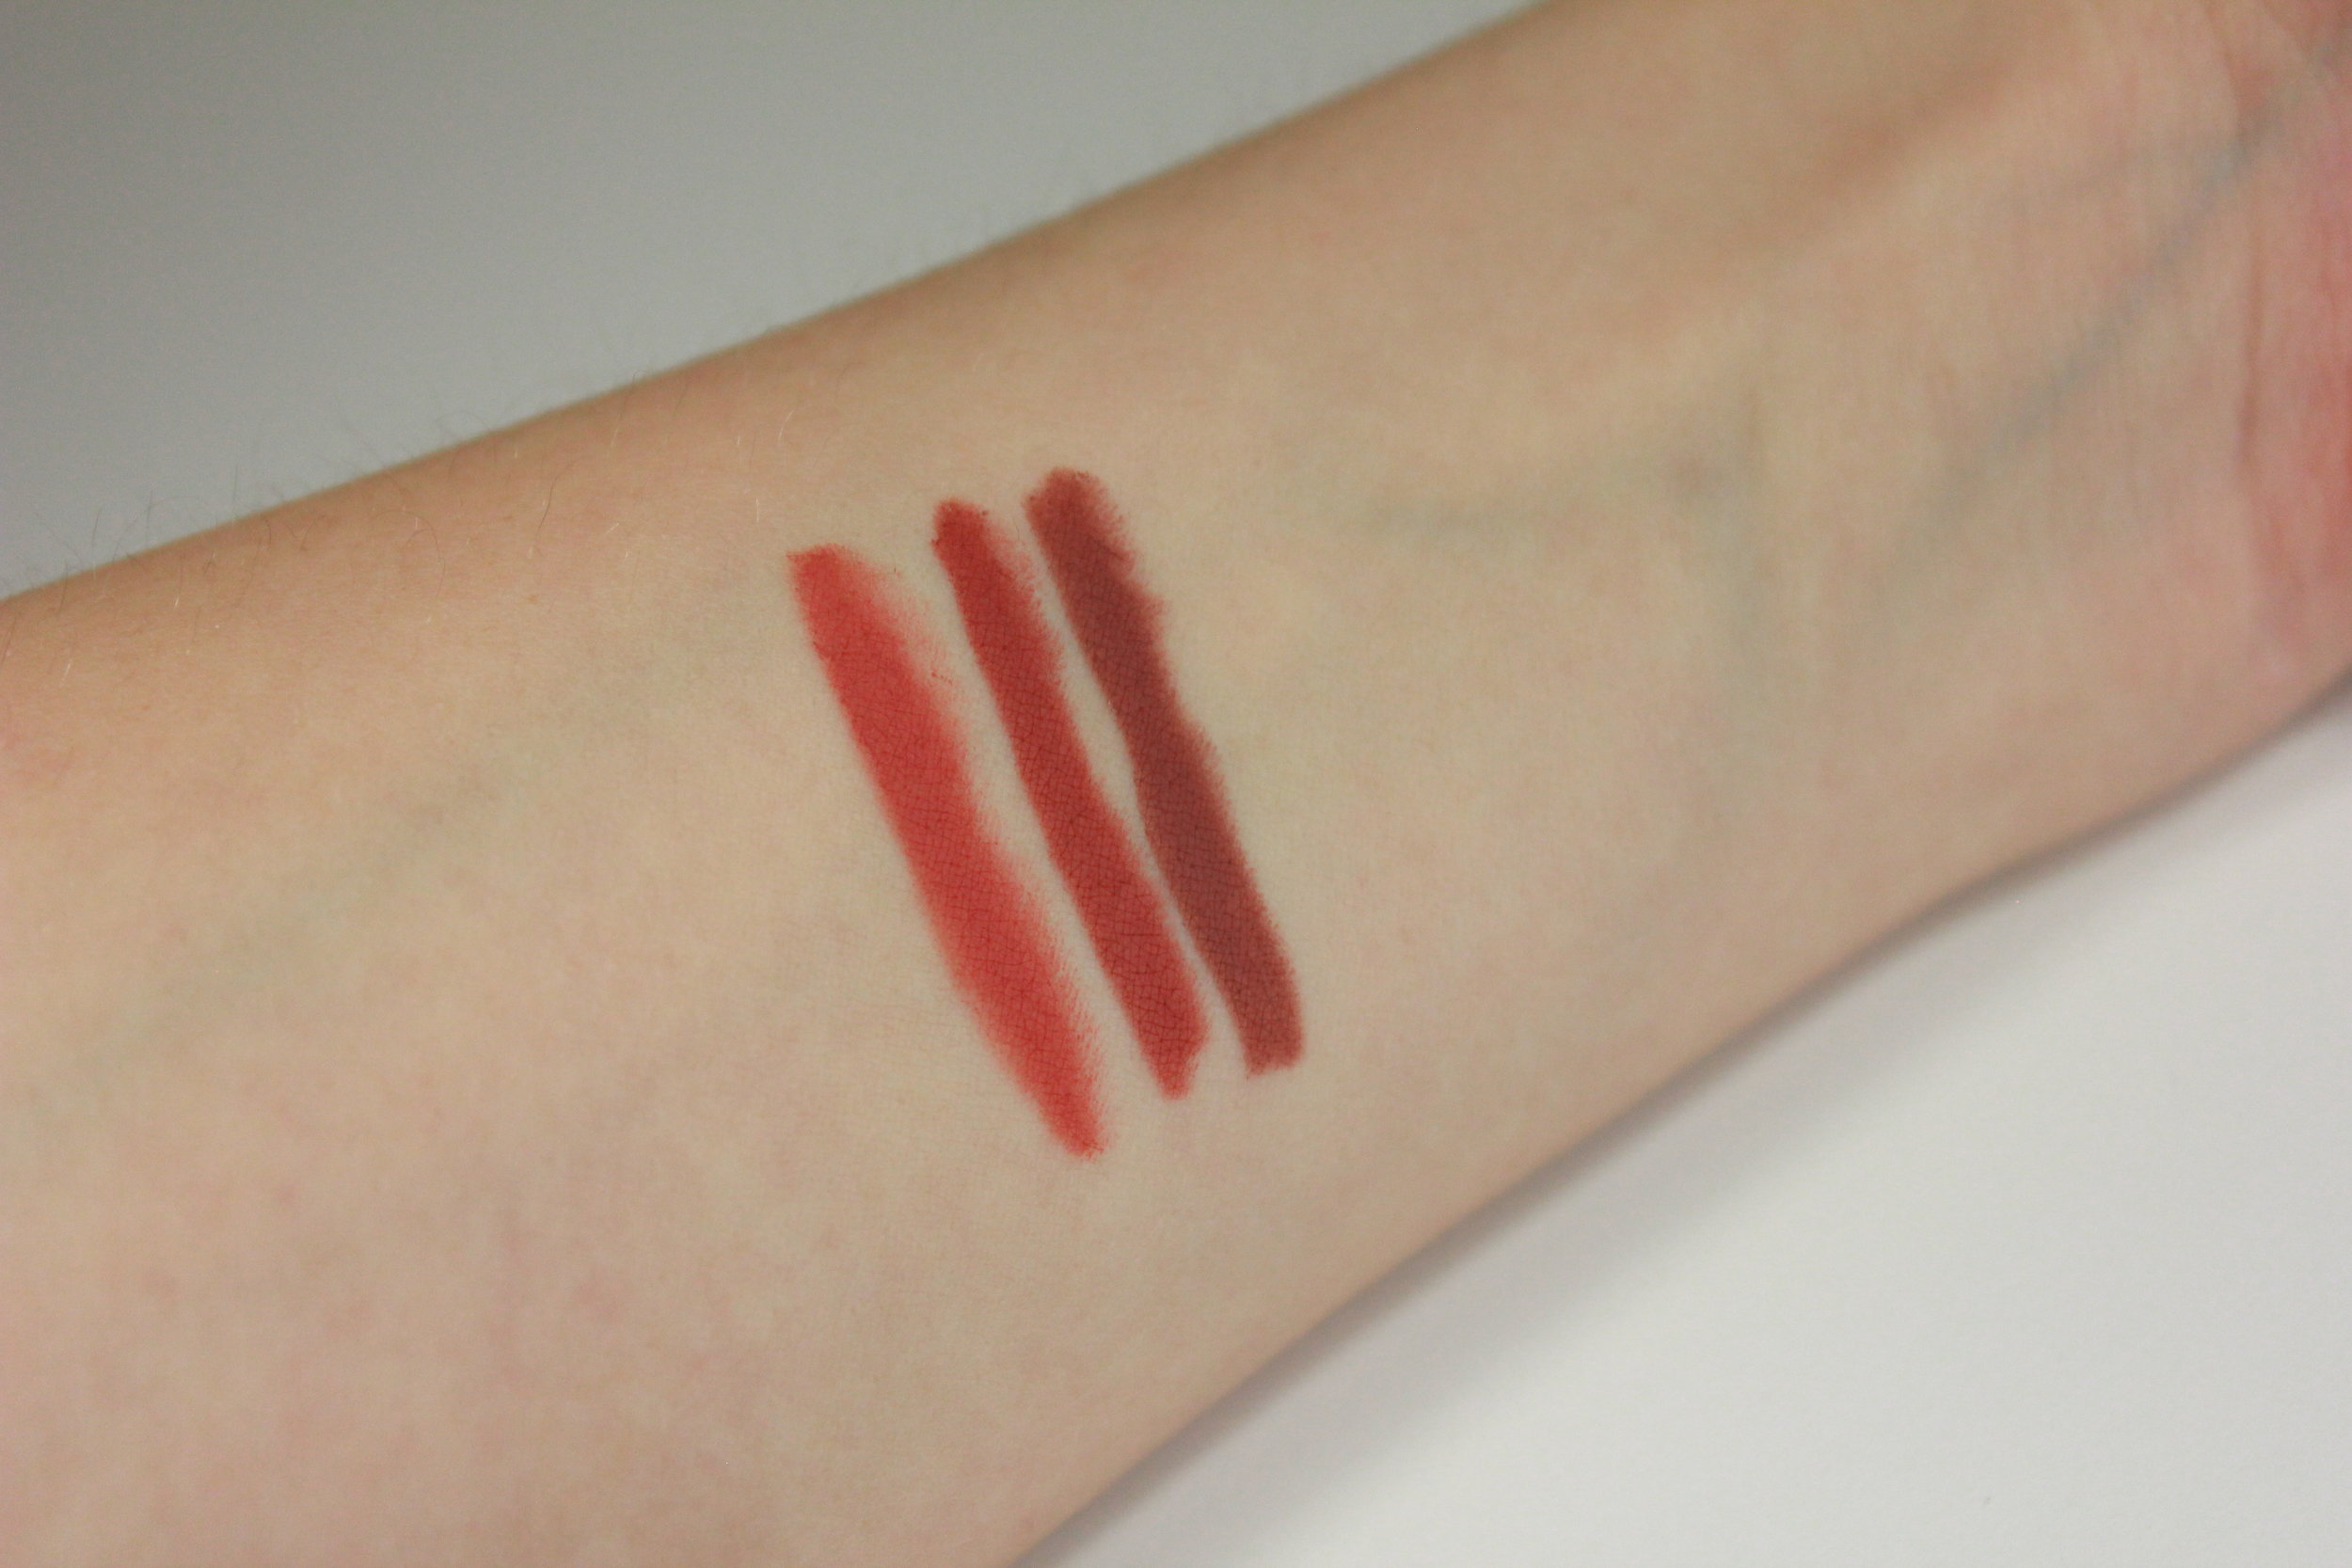 Colourpop Lippie Pencil Swatches; Frida, Brink, Bound